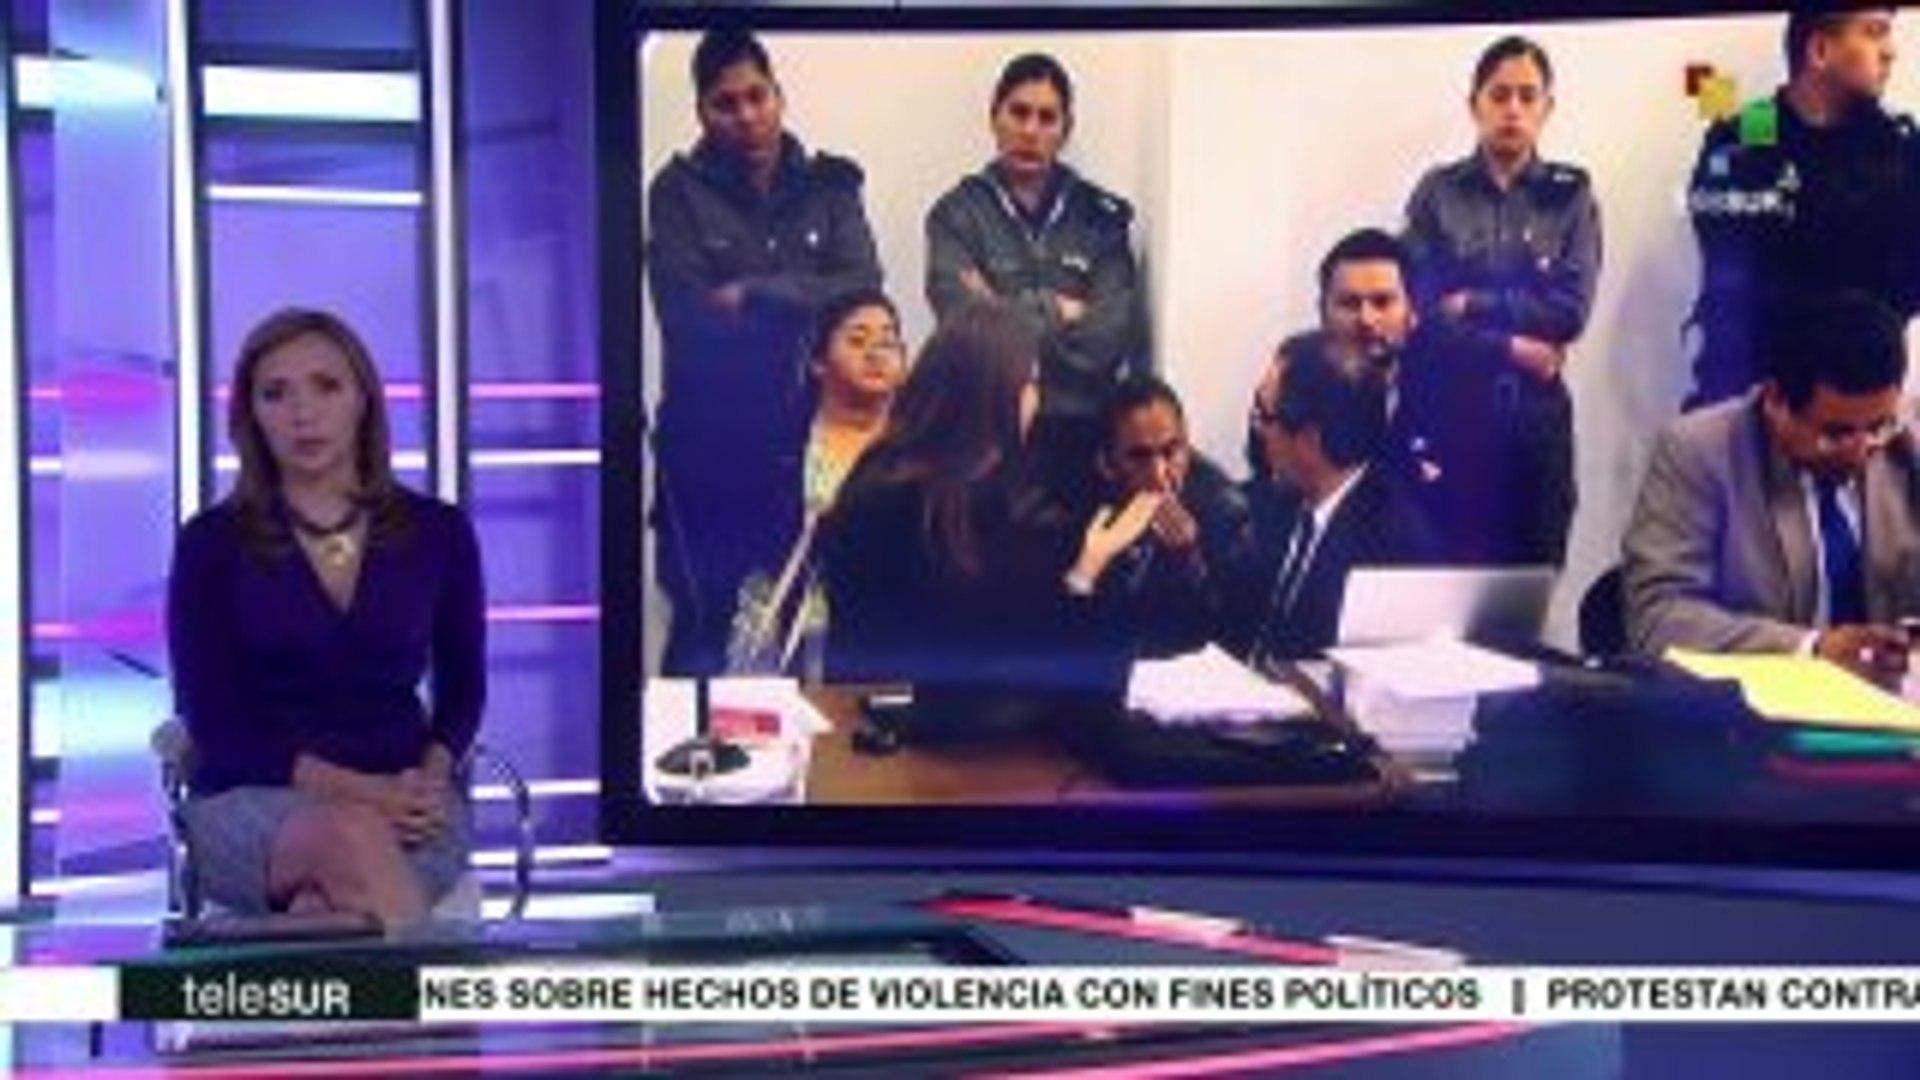 Es Noticia: Mike Pence reitera en Chile sus agresiones contra Venezuel